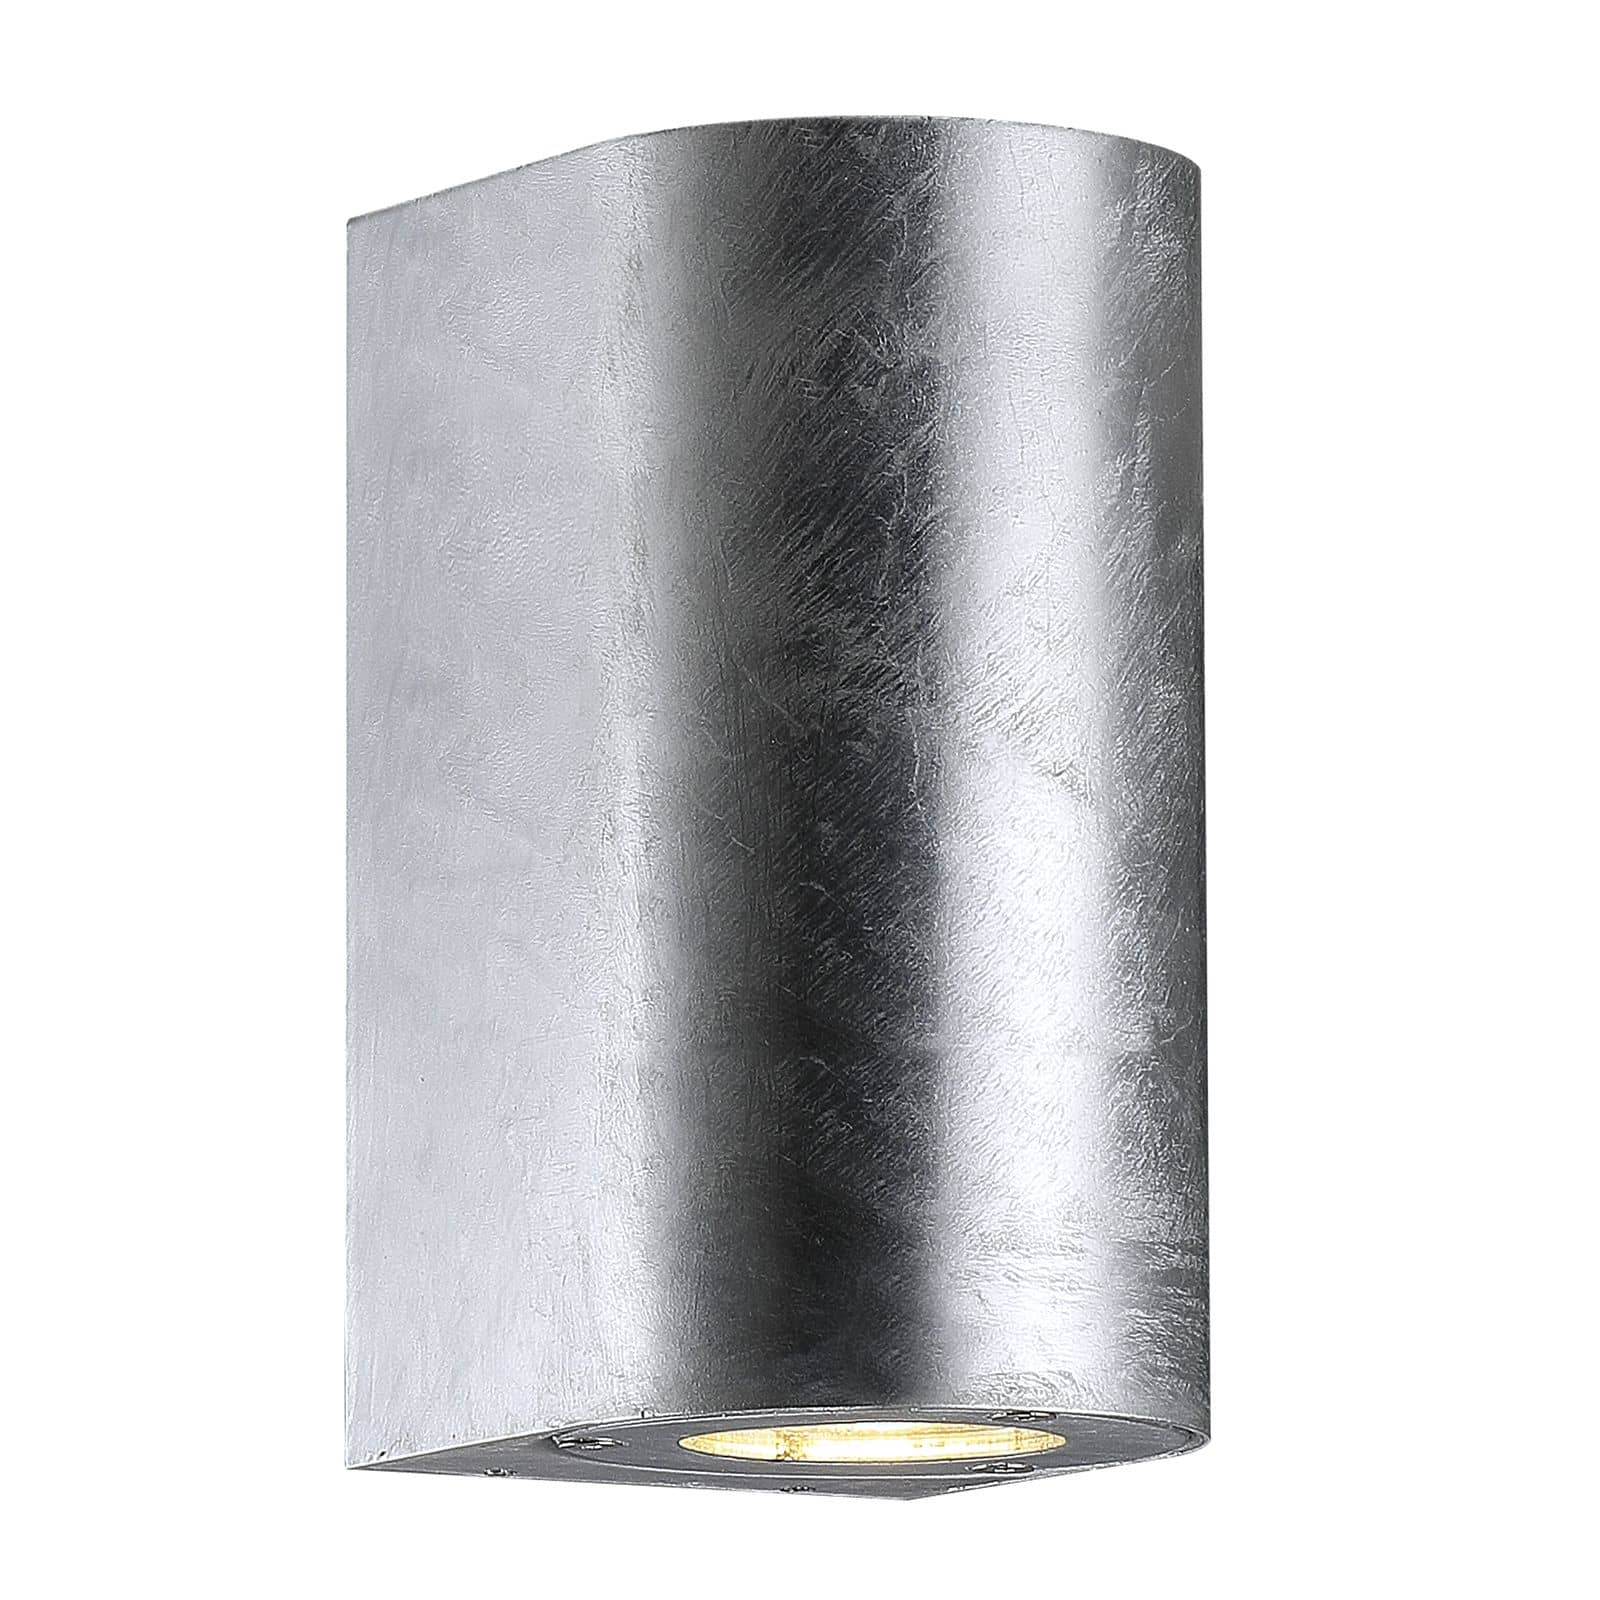 Nordlux 77561031 Canto Maxi Wandleuchte 2xGU10 Metall Glas Verzinkt IP44 -> Nordlux Led Wandleuchte Canto Edelstah